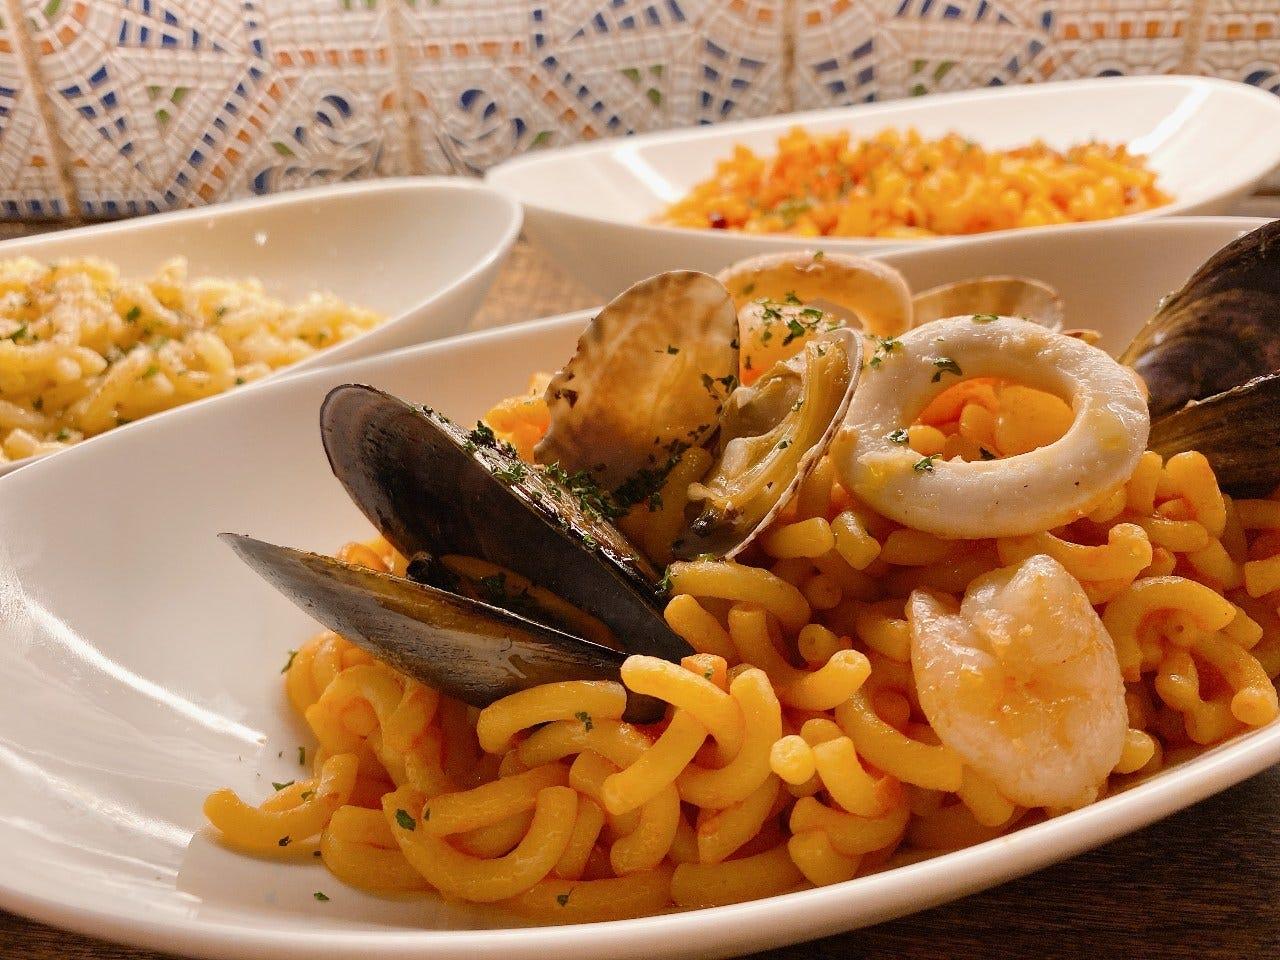 スペインのパスタ【フィデウア】食べられるのはバルマルだけ!?